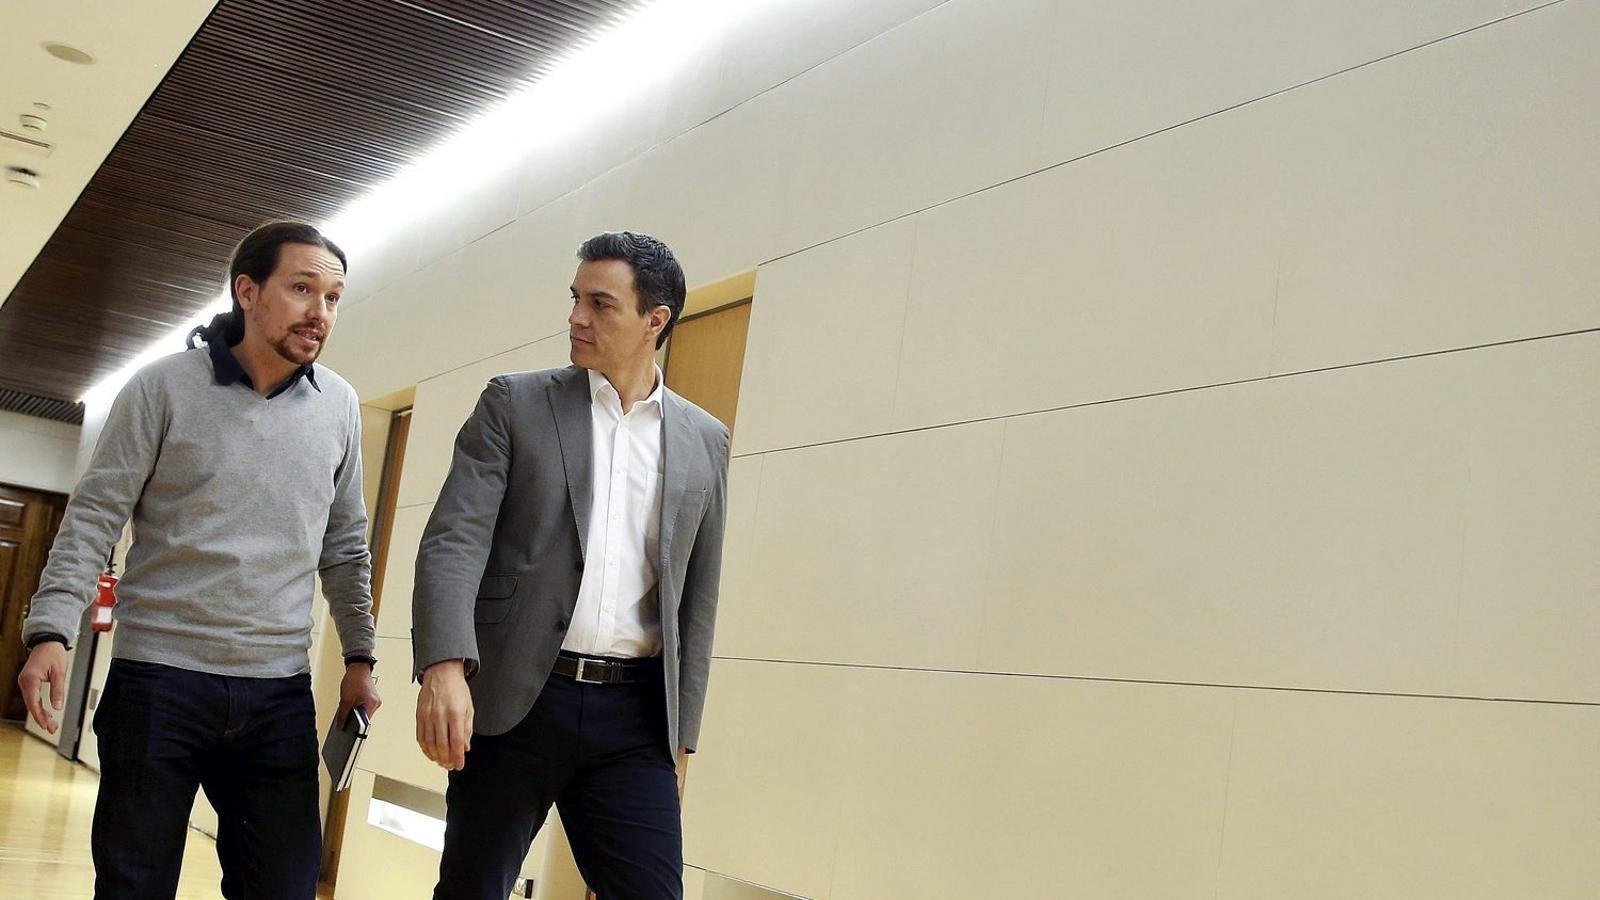 Els líders de Podem, Pablo Iglesias, i del PSOE, Pedro Sánchez, en una imatge recent.